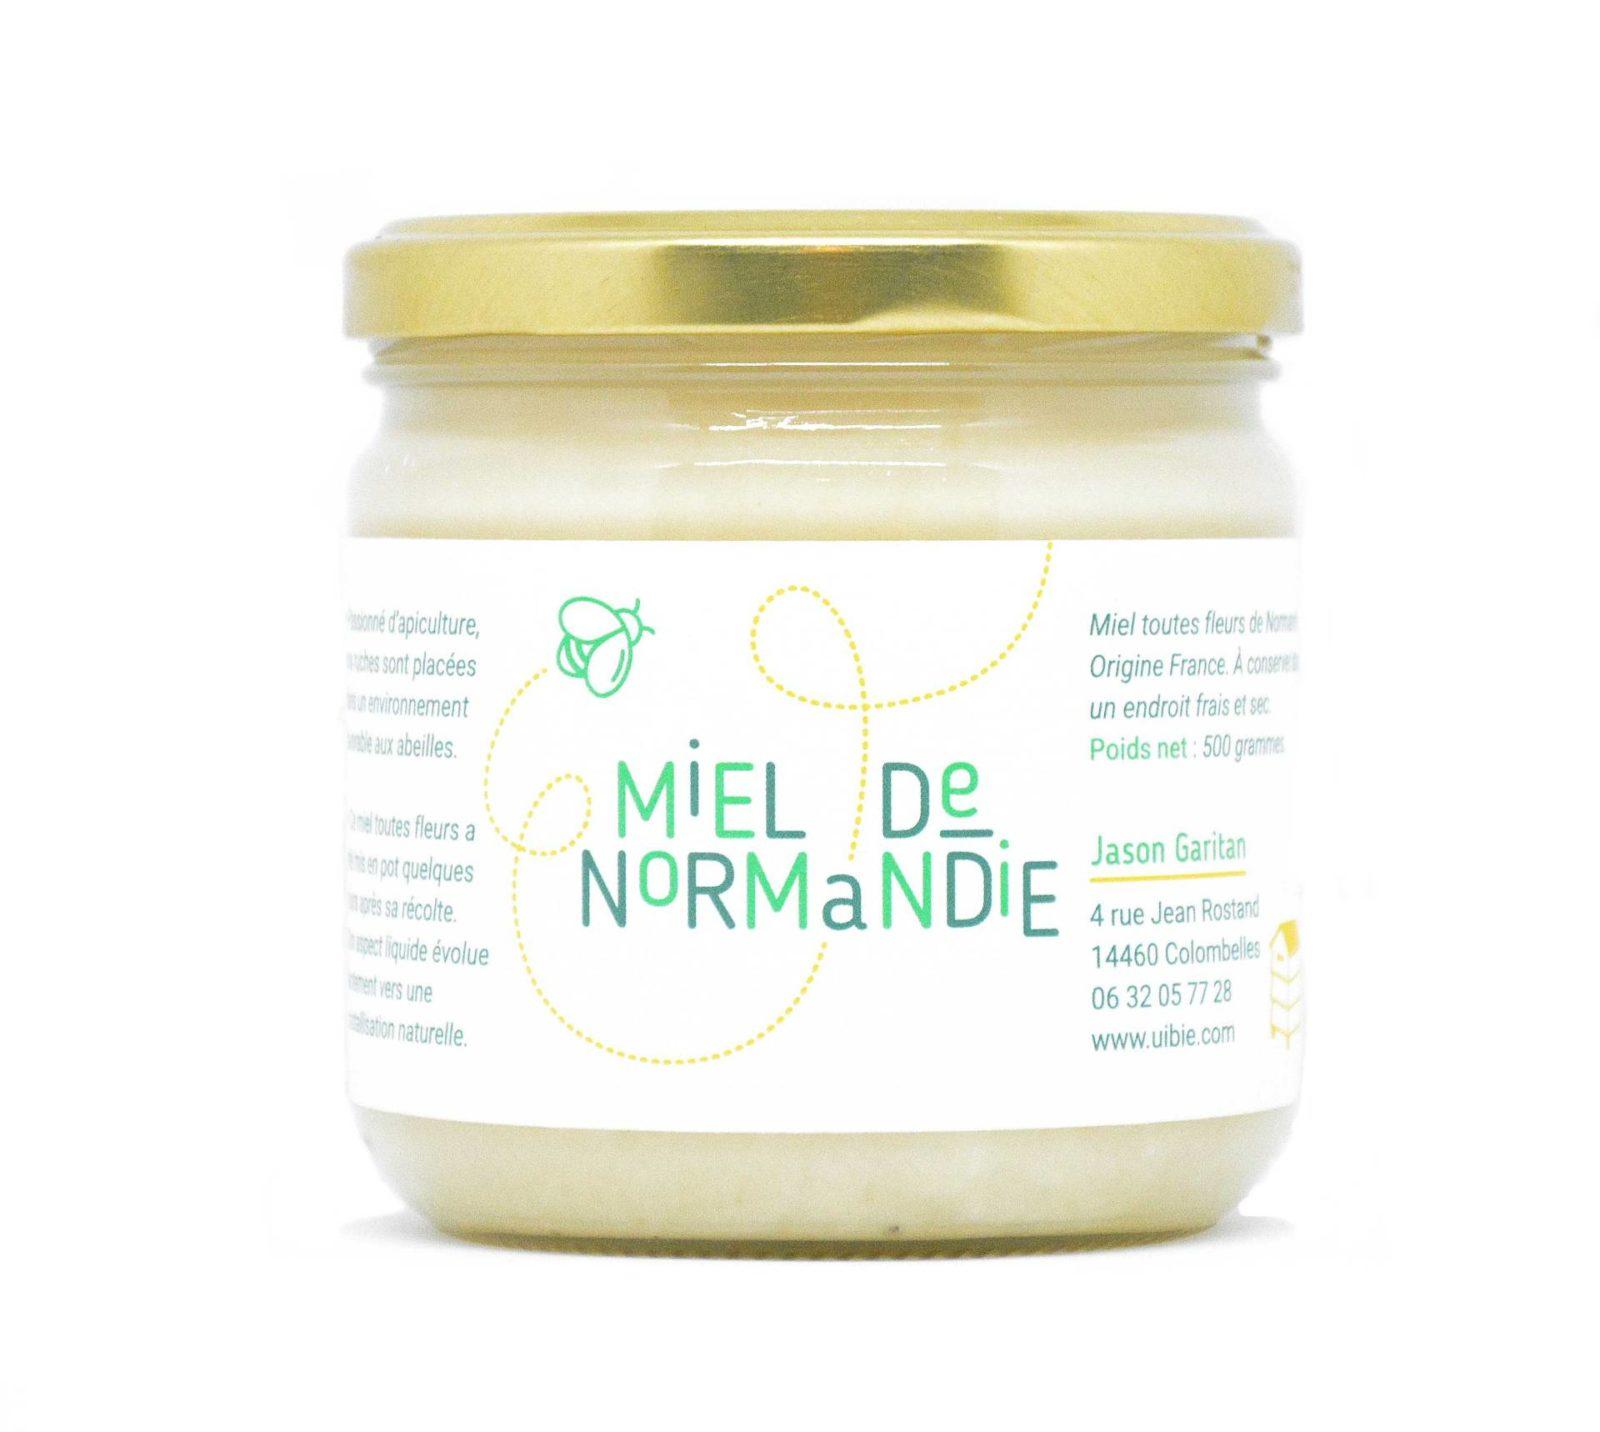 Miel de Normandie apiculteur